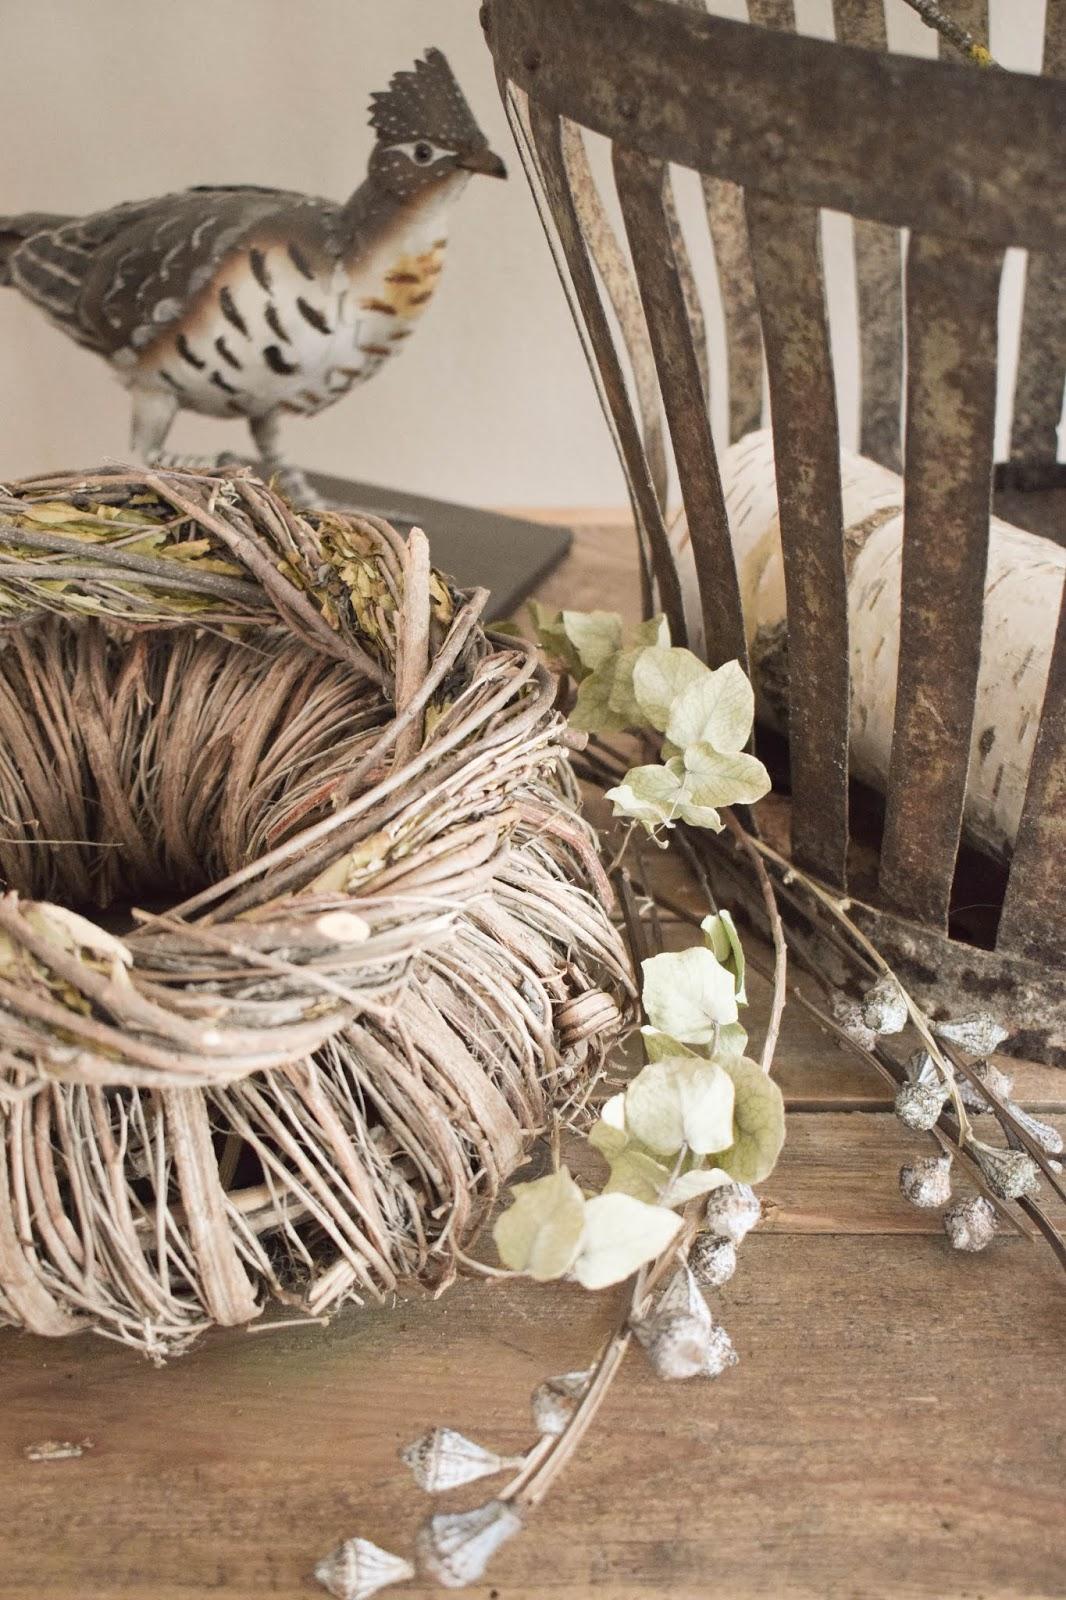 Deko Herbst Naturdeko natürlich dekorieren für Sideboard Konsole Kranz Flohmarkt Dekoidee kränze